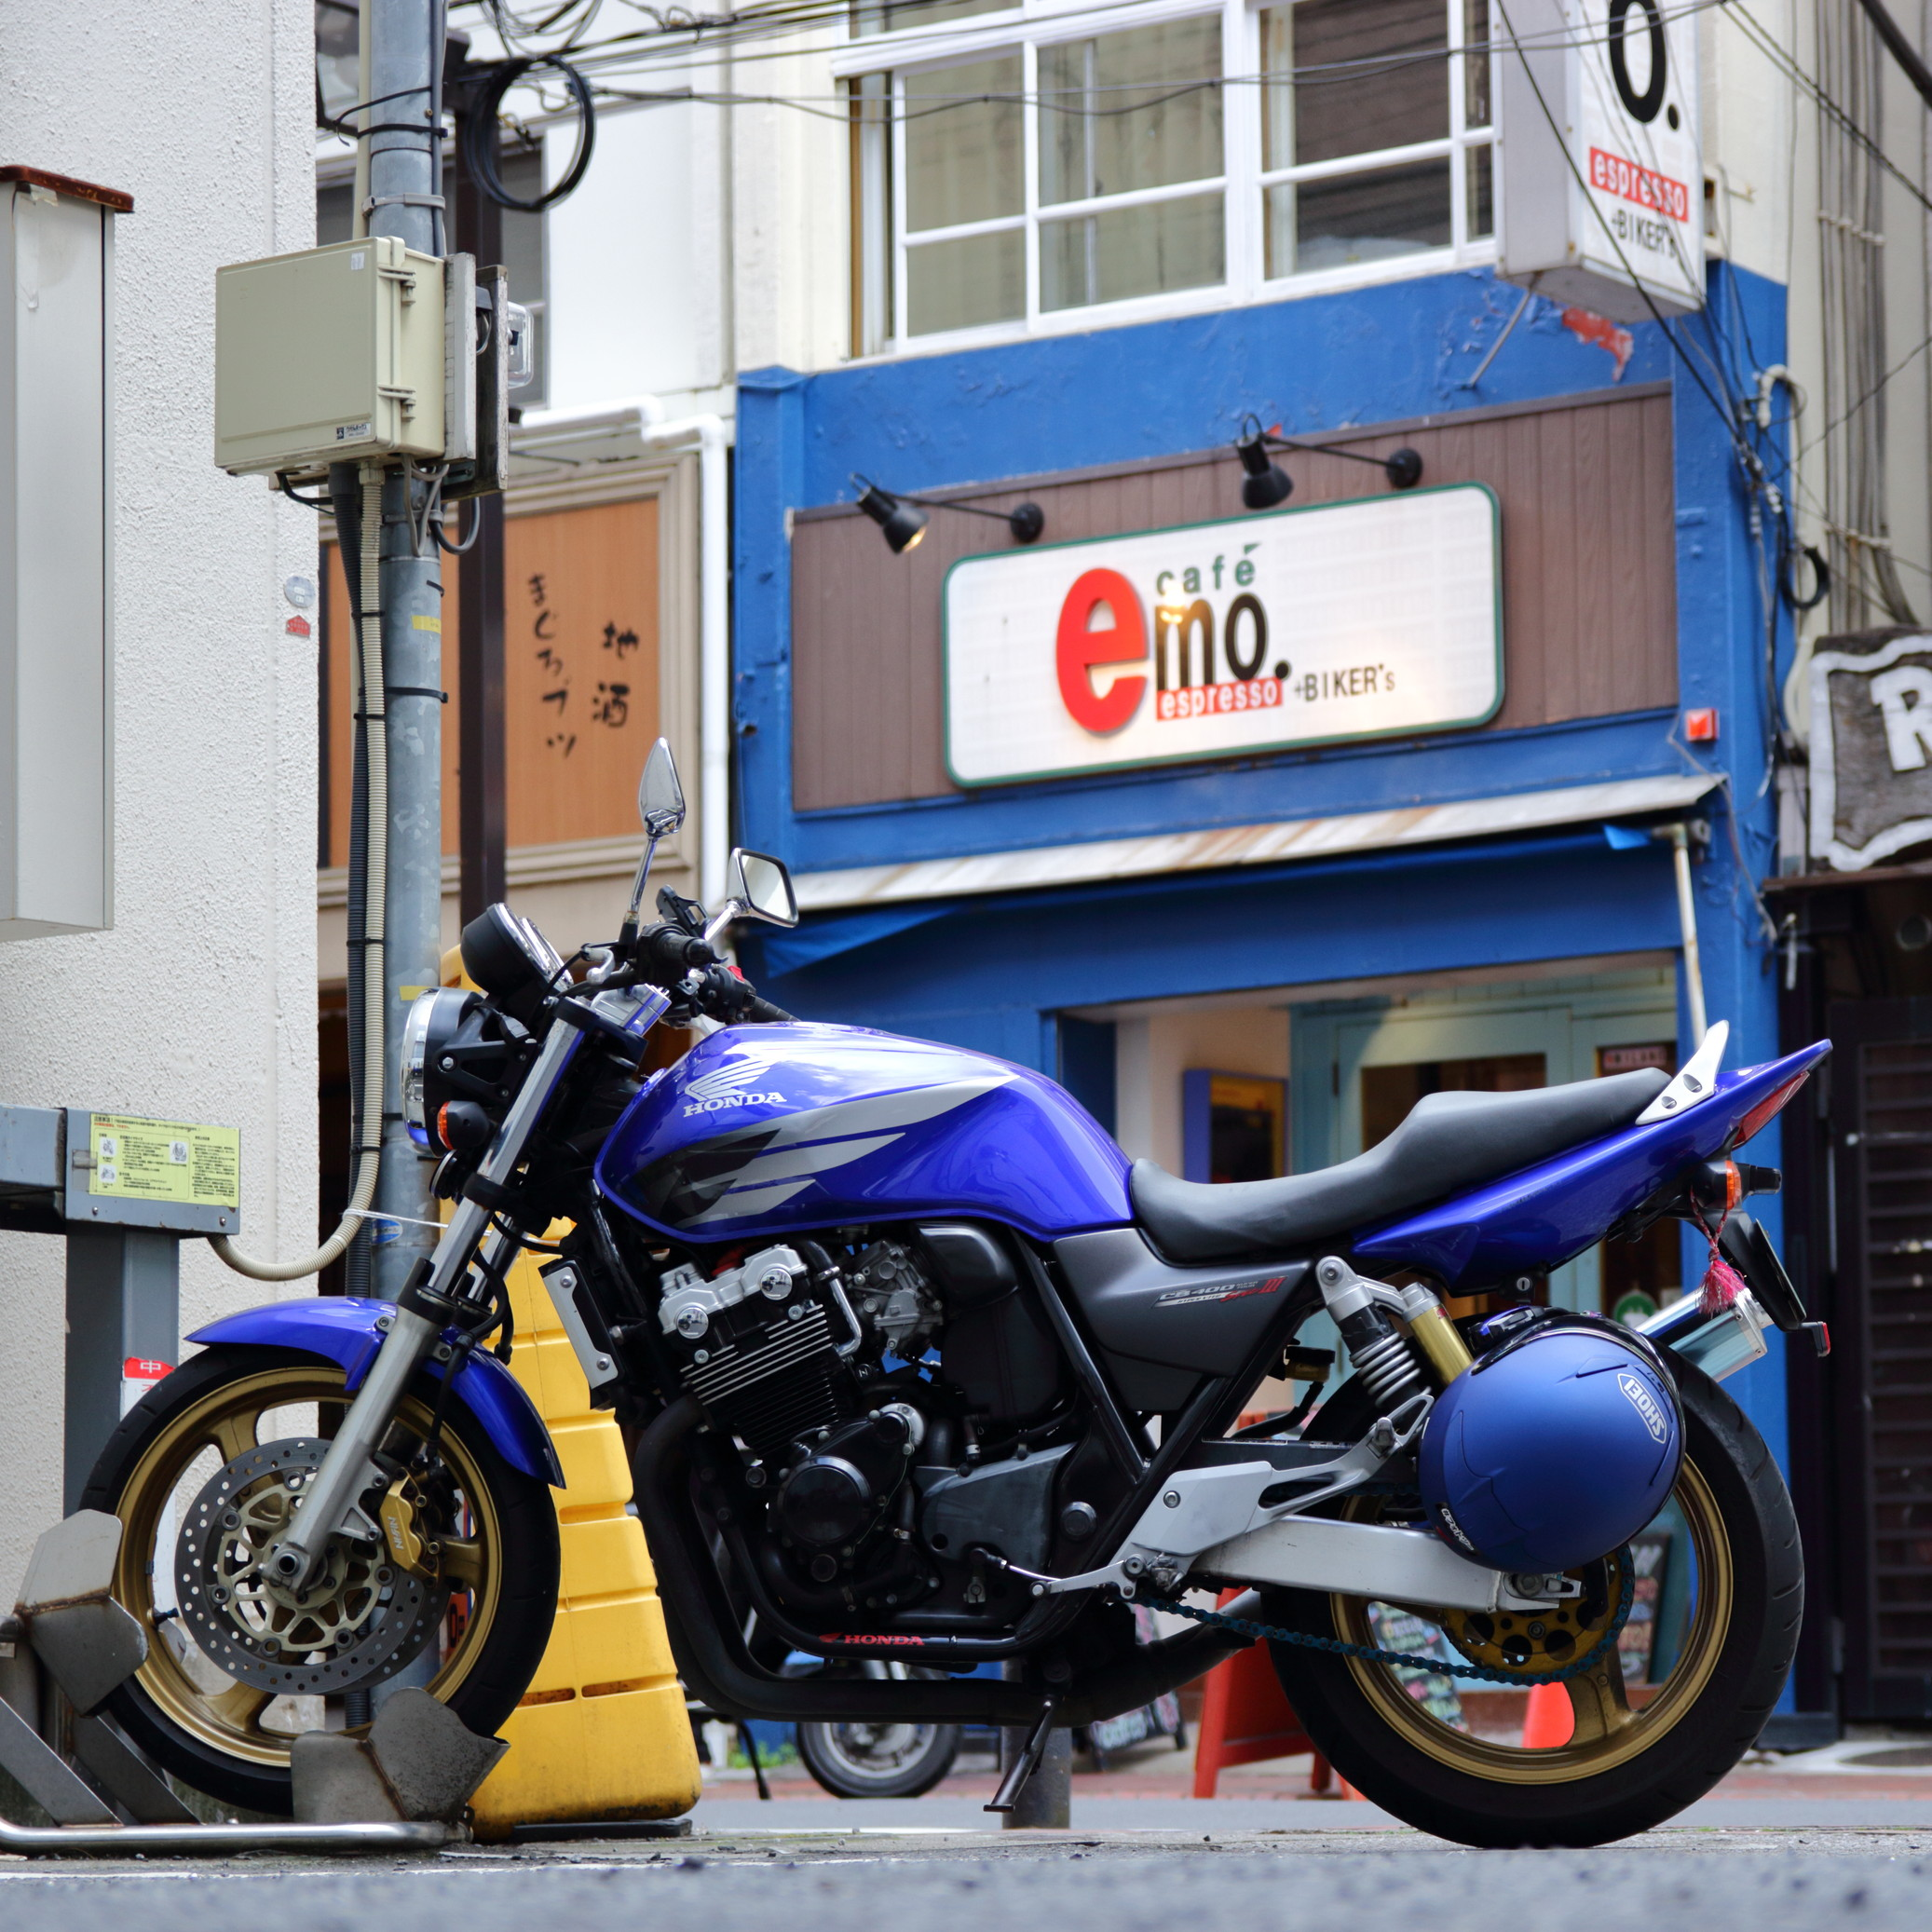 おすすめツーリングスポット#01 横浜カフェ+BIKER's「emo(エモ). エスプレッソ」